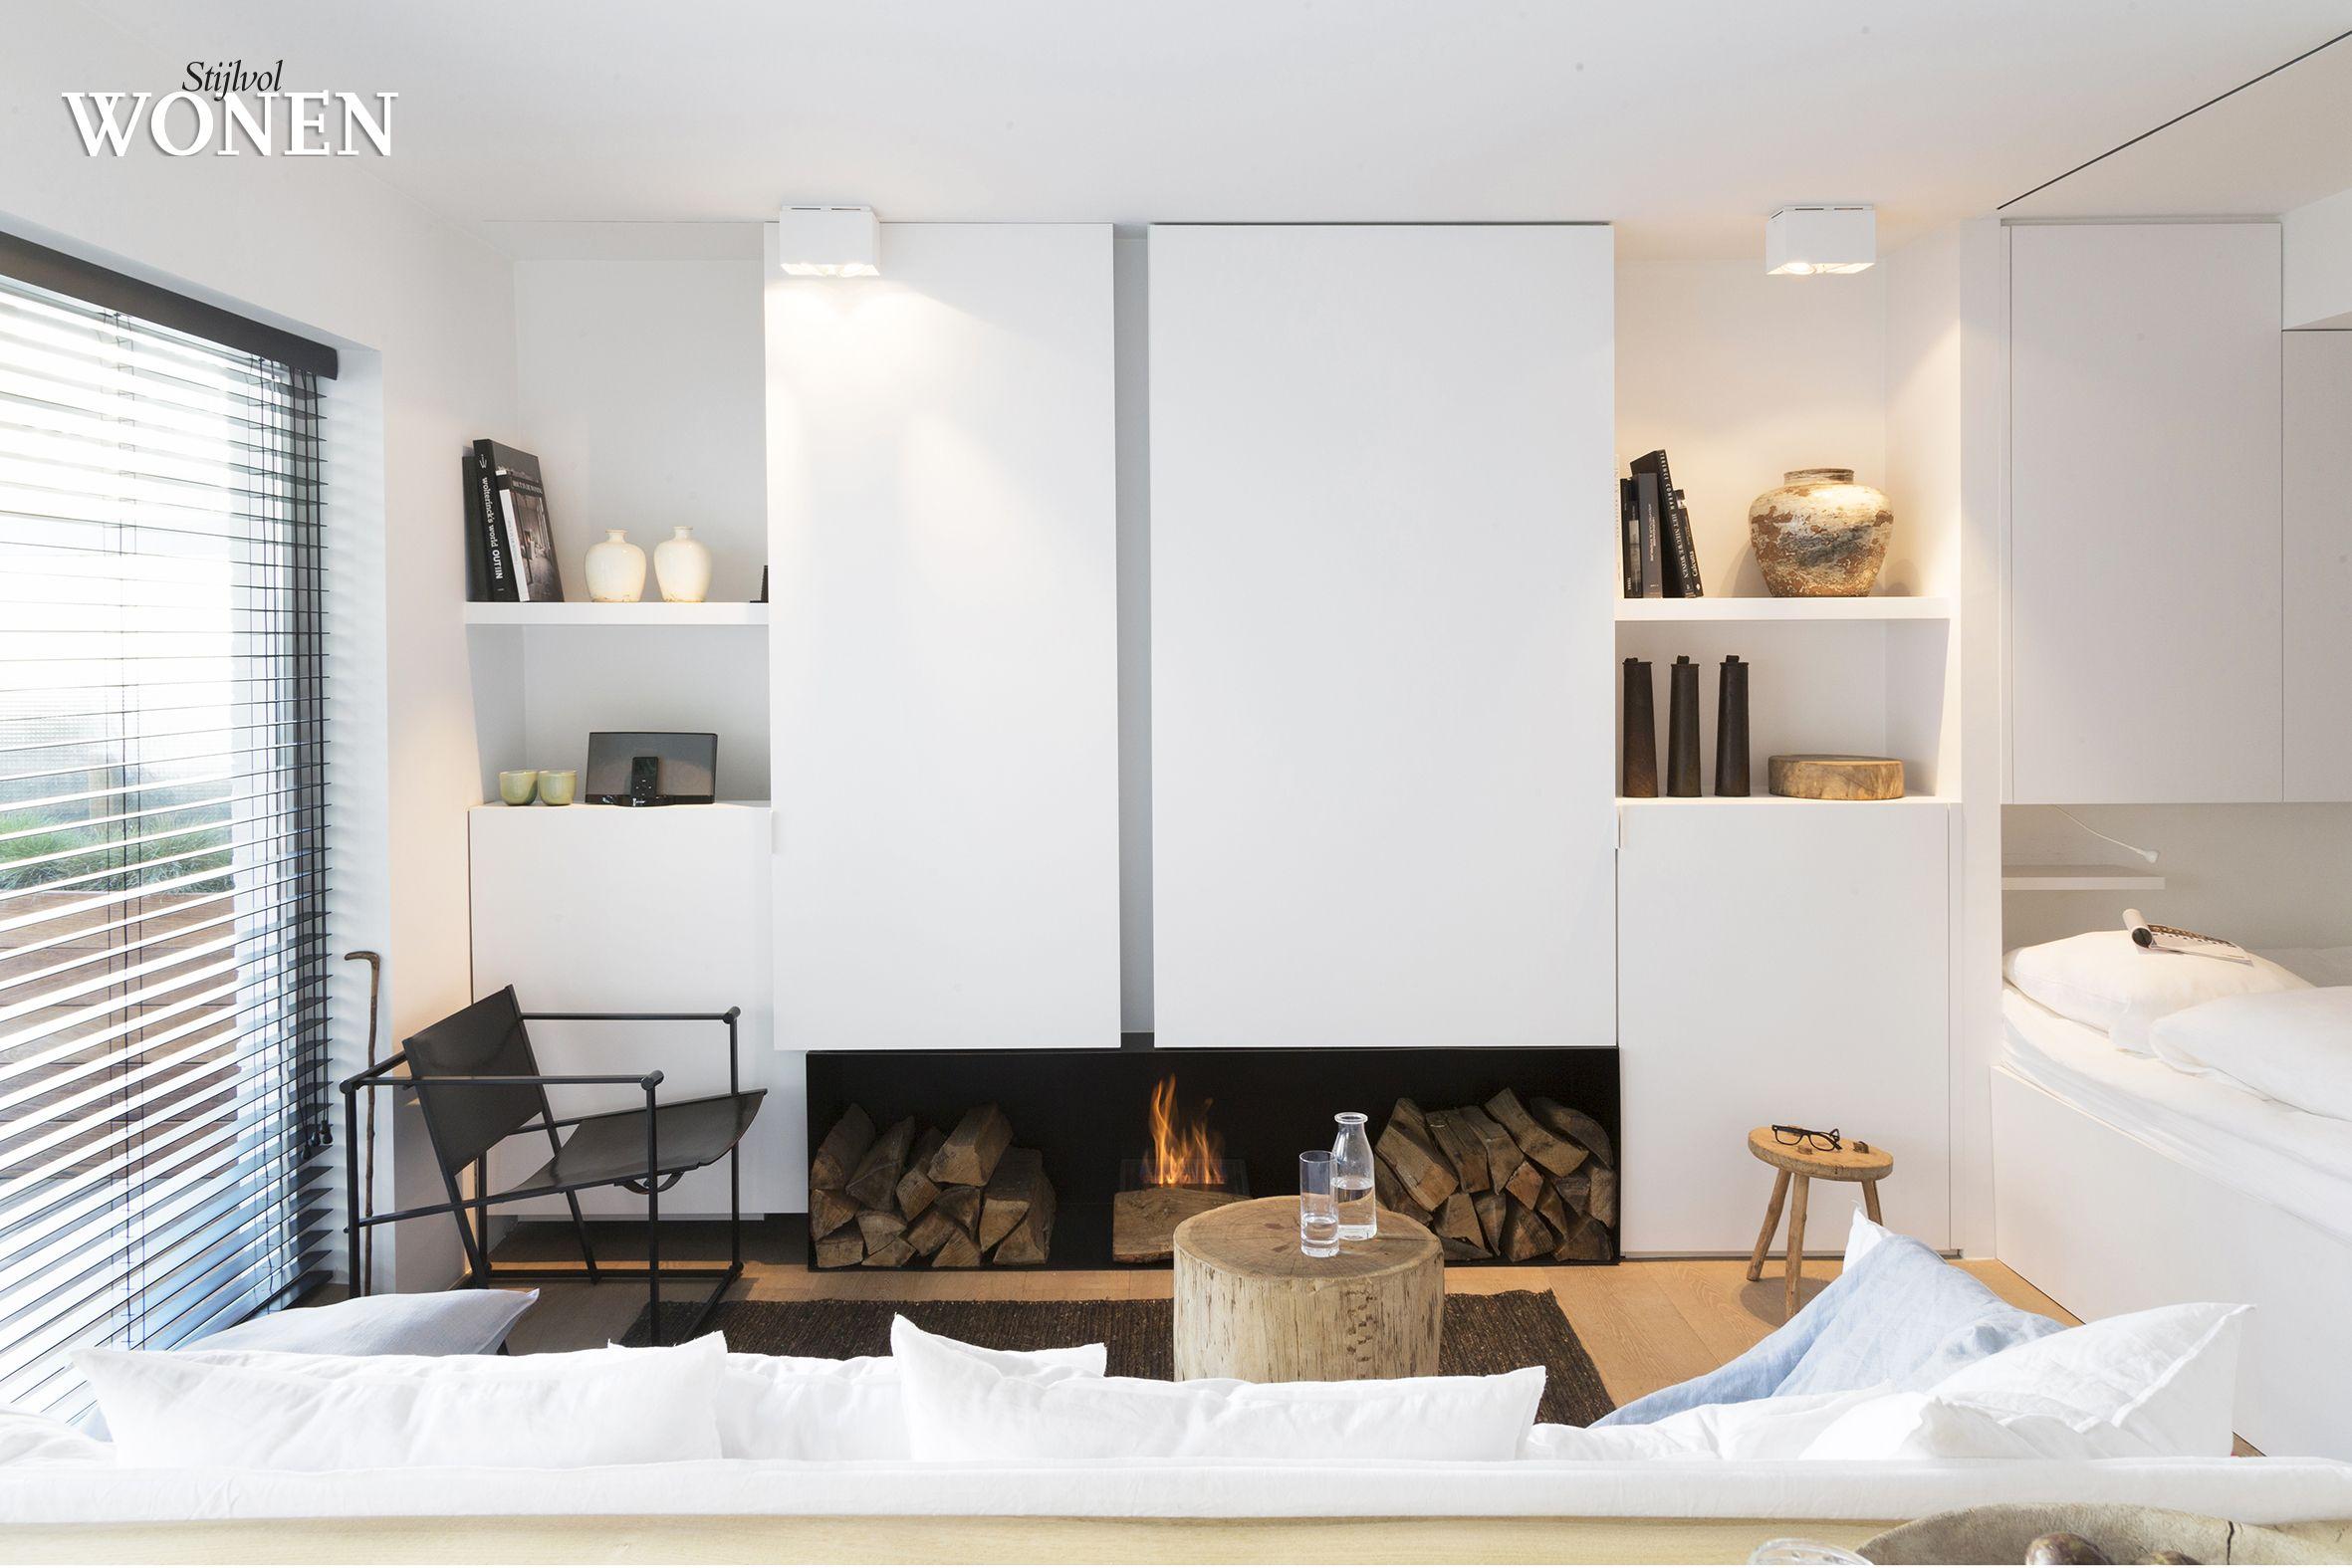 Interior fotografie produktion irina graewe klomfar for Devaere interieur